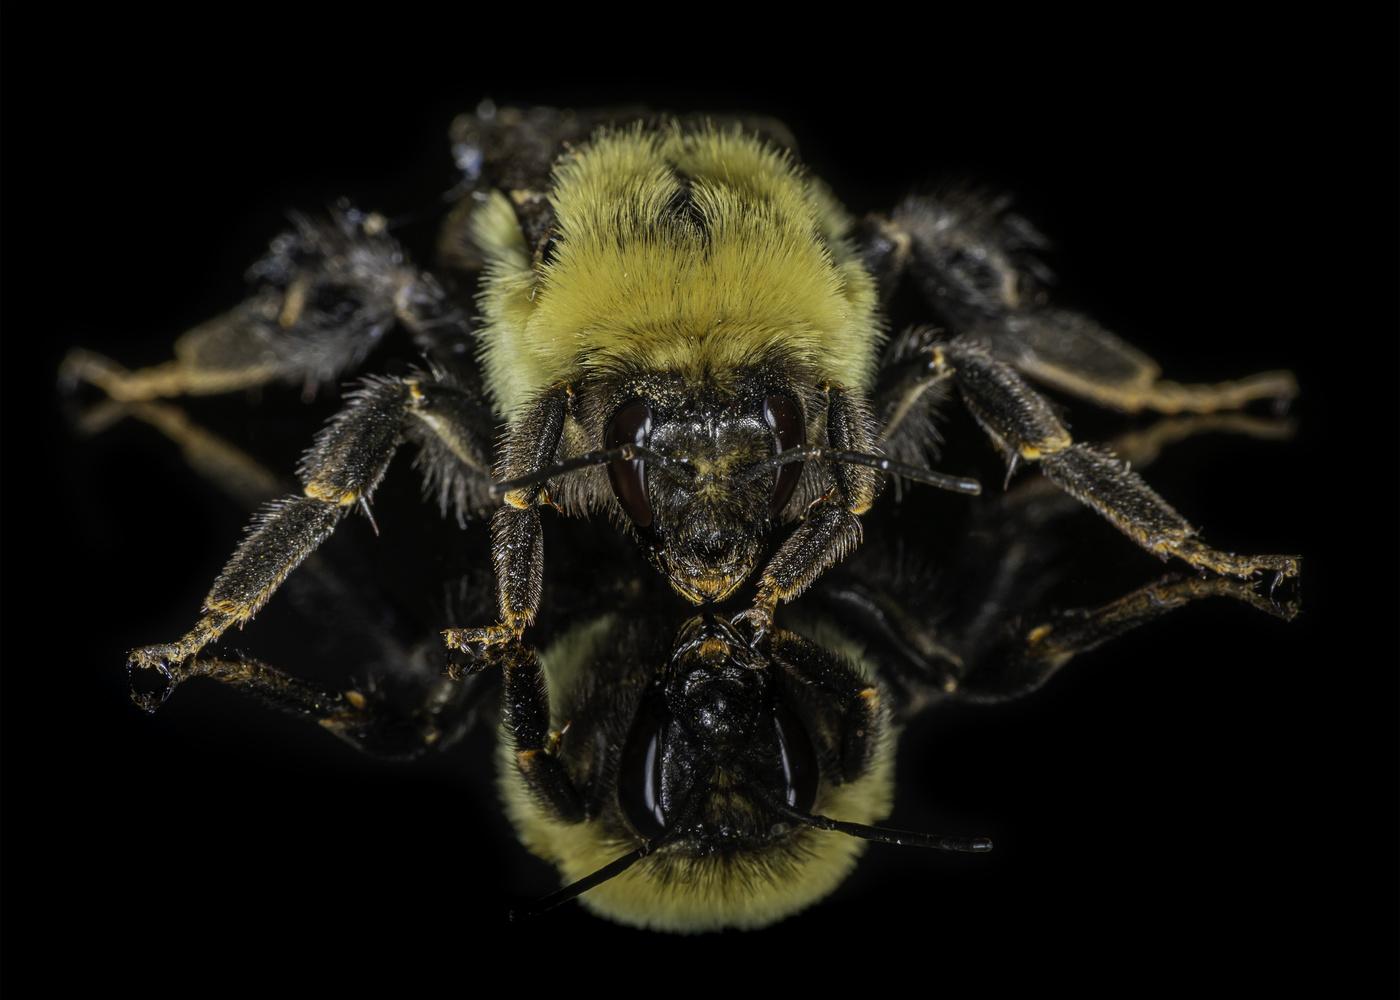 Bumblebee by Aaron Duke